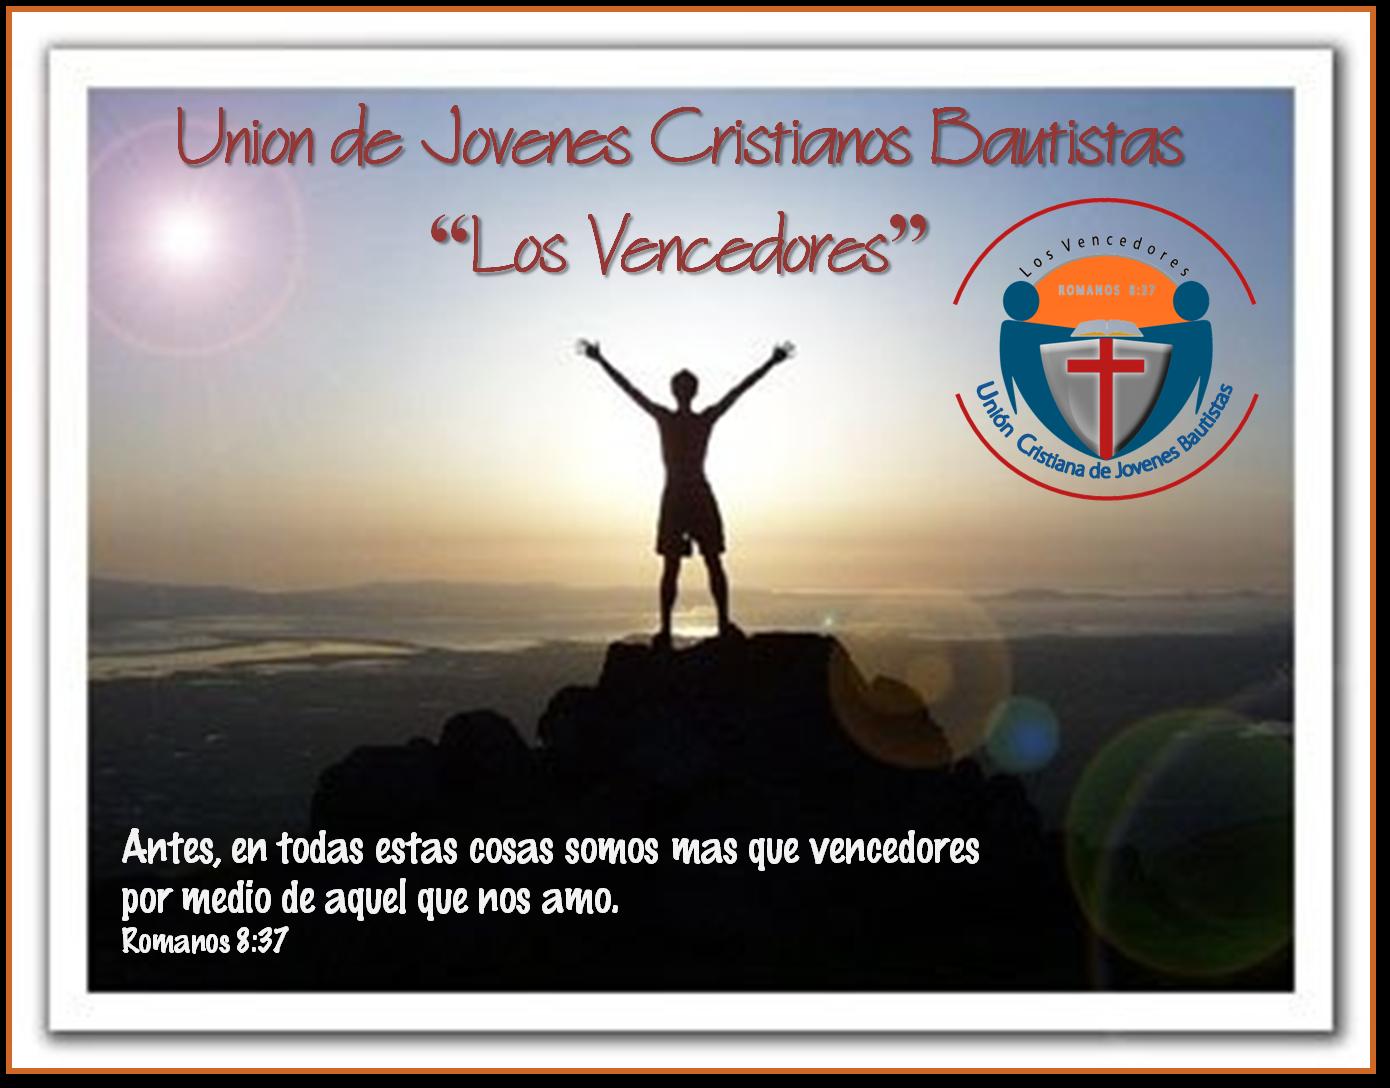 ¡Los Vencedores en Cristo!